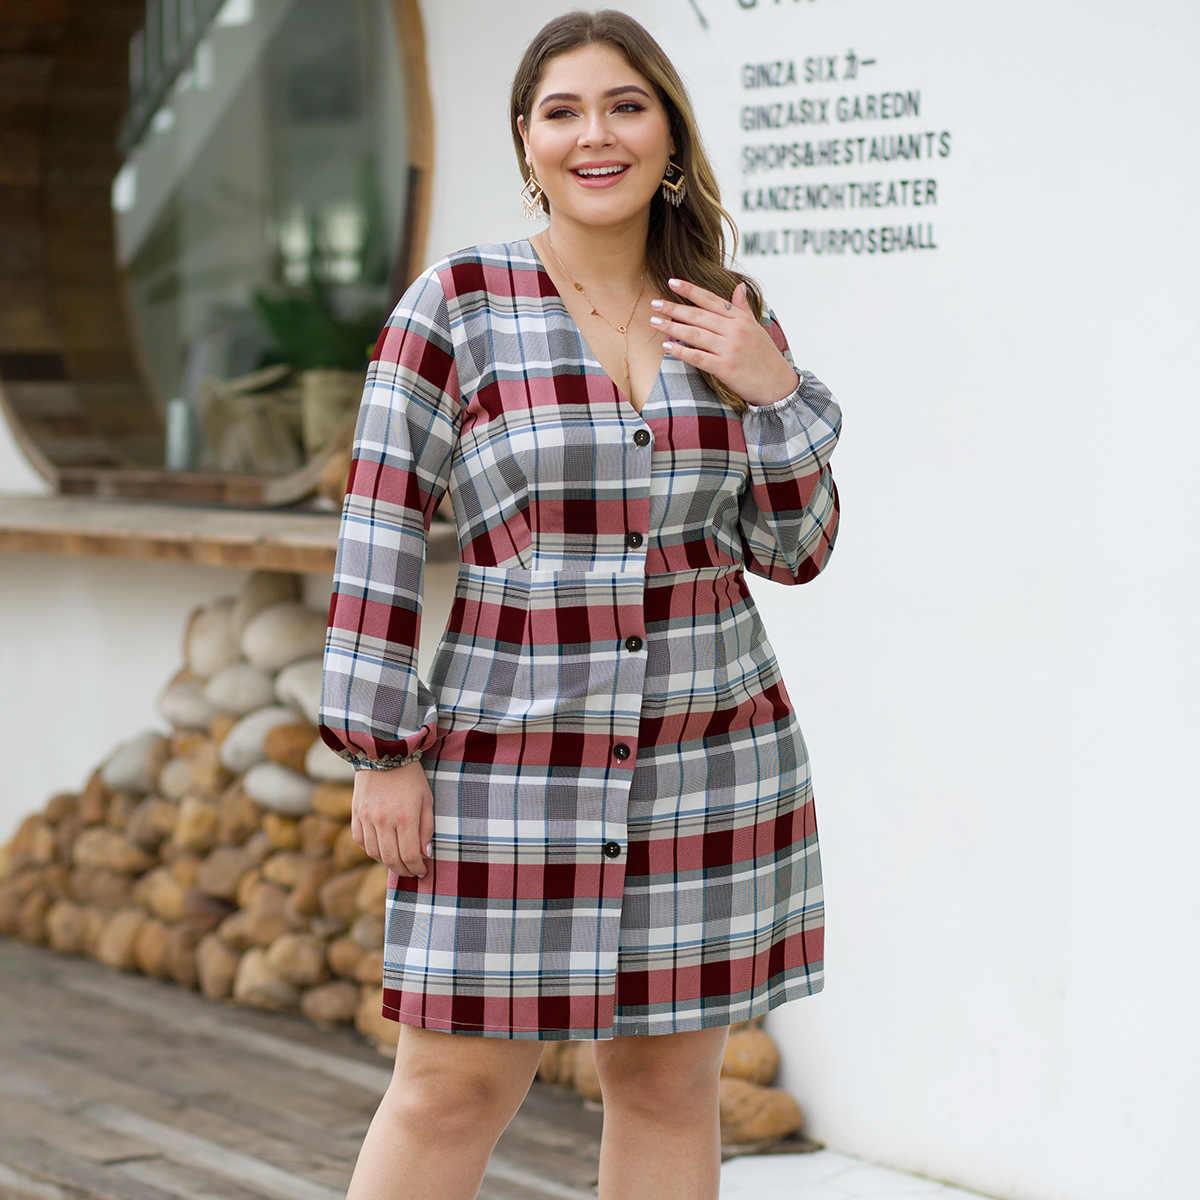 Joinelse клетчатое лоскутное женское Повседневное платье осень v-образный вырез с длинными рукавами женские мини платья с пуговицами плюс размер рубашки Vestidos